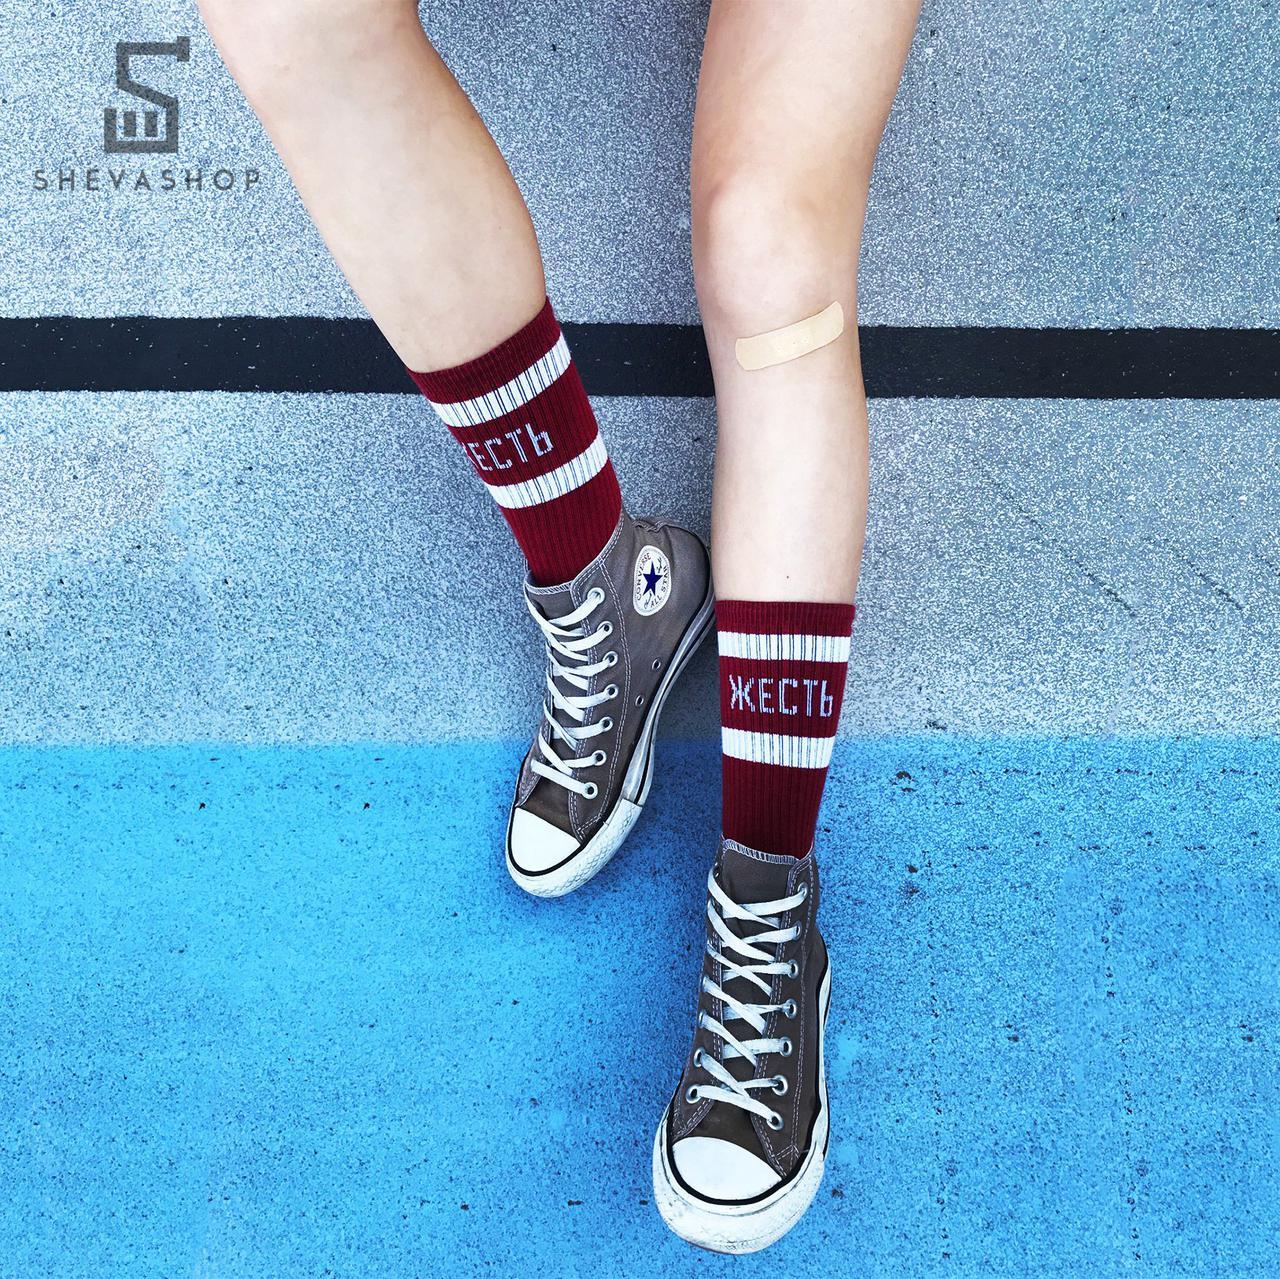 253ace37ffa4 Длинные носки высокие HARD ЖЕСТЬ бордовые